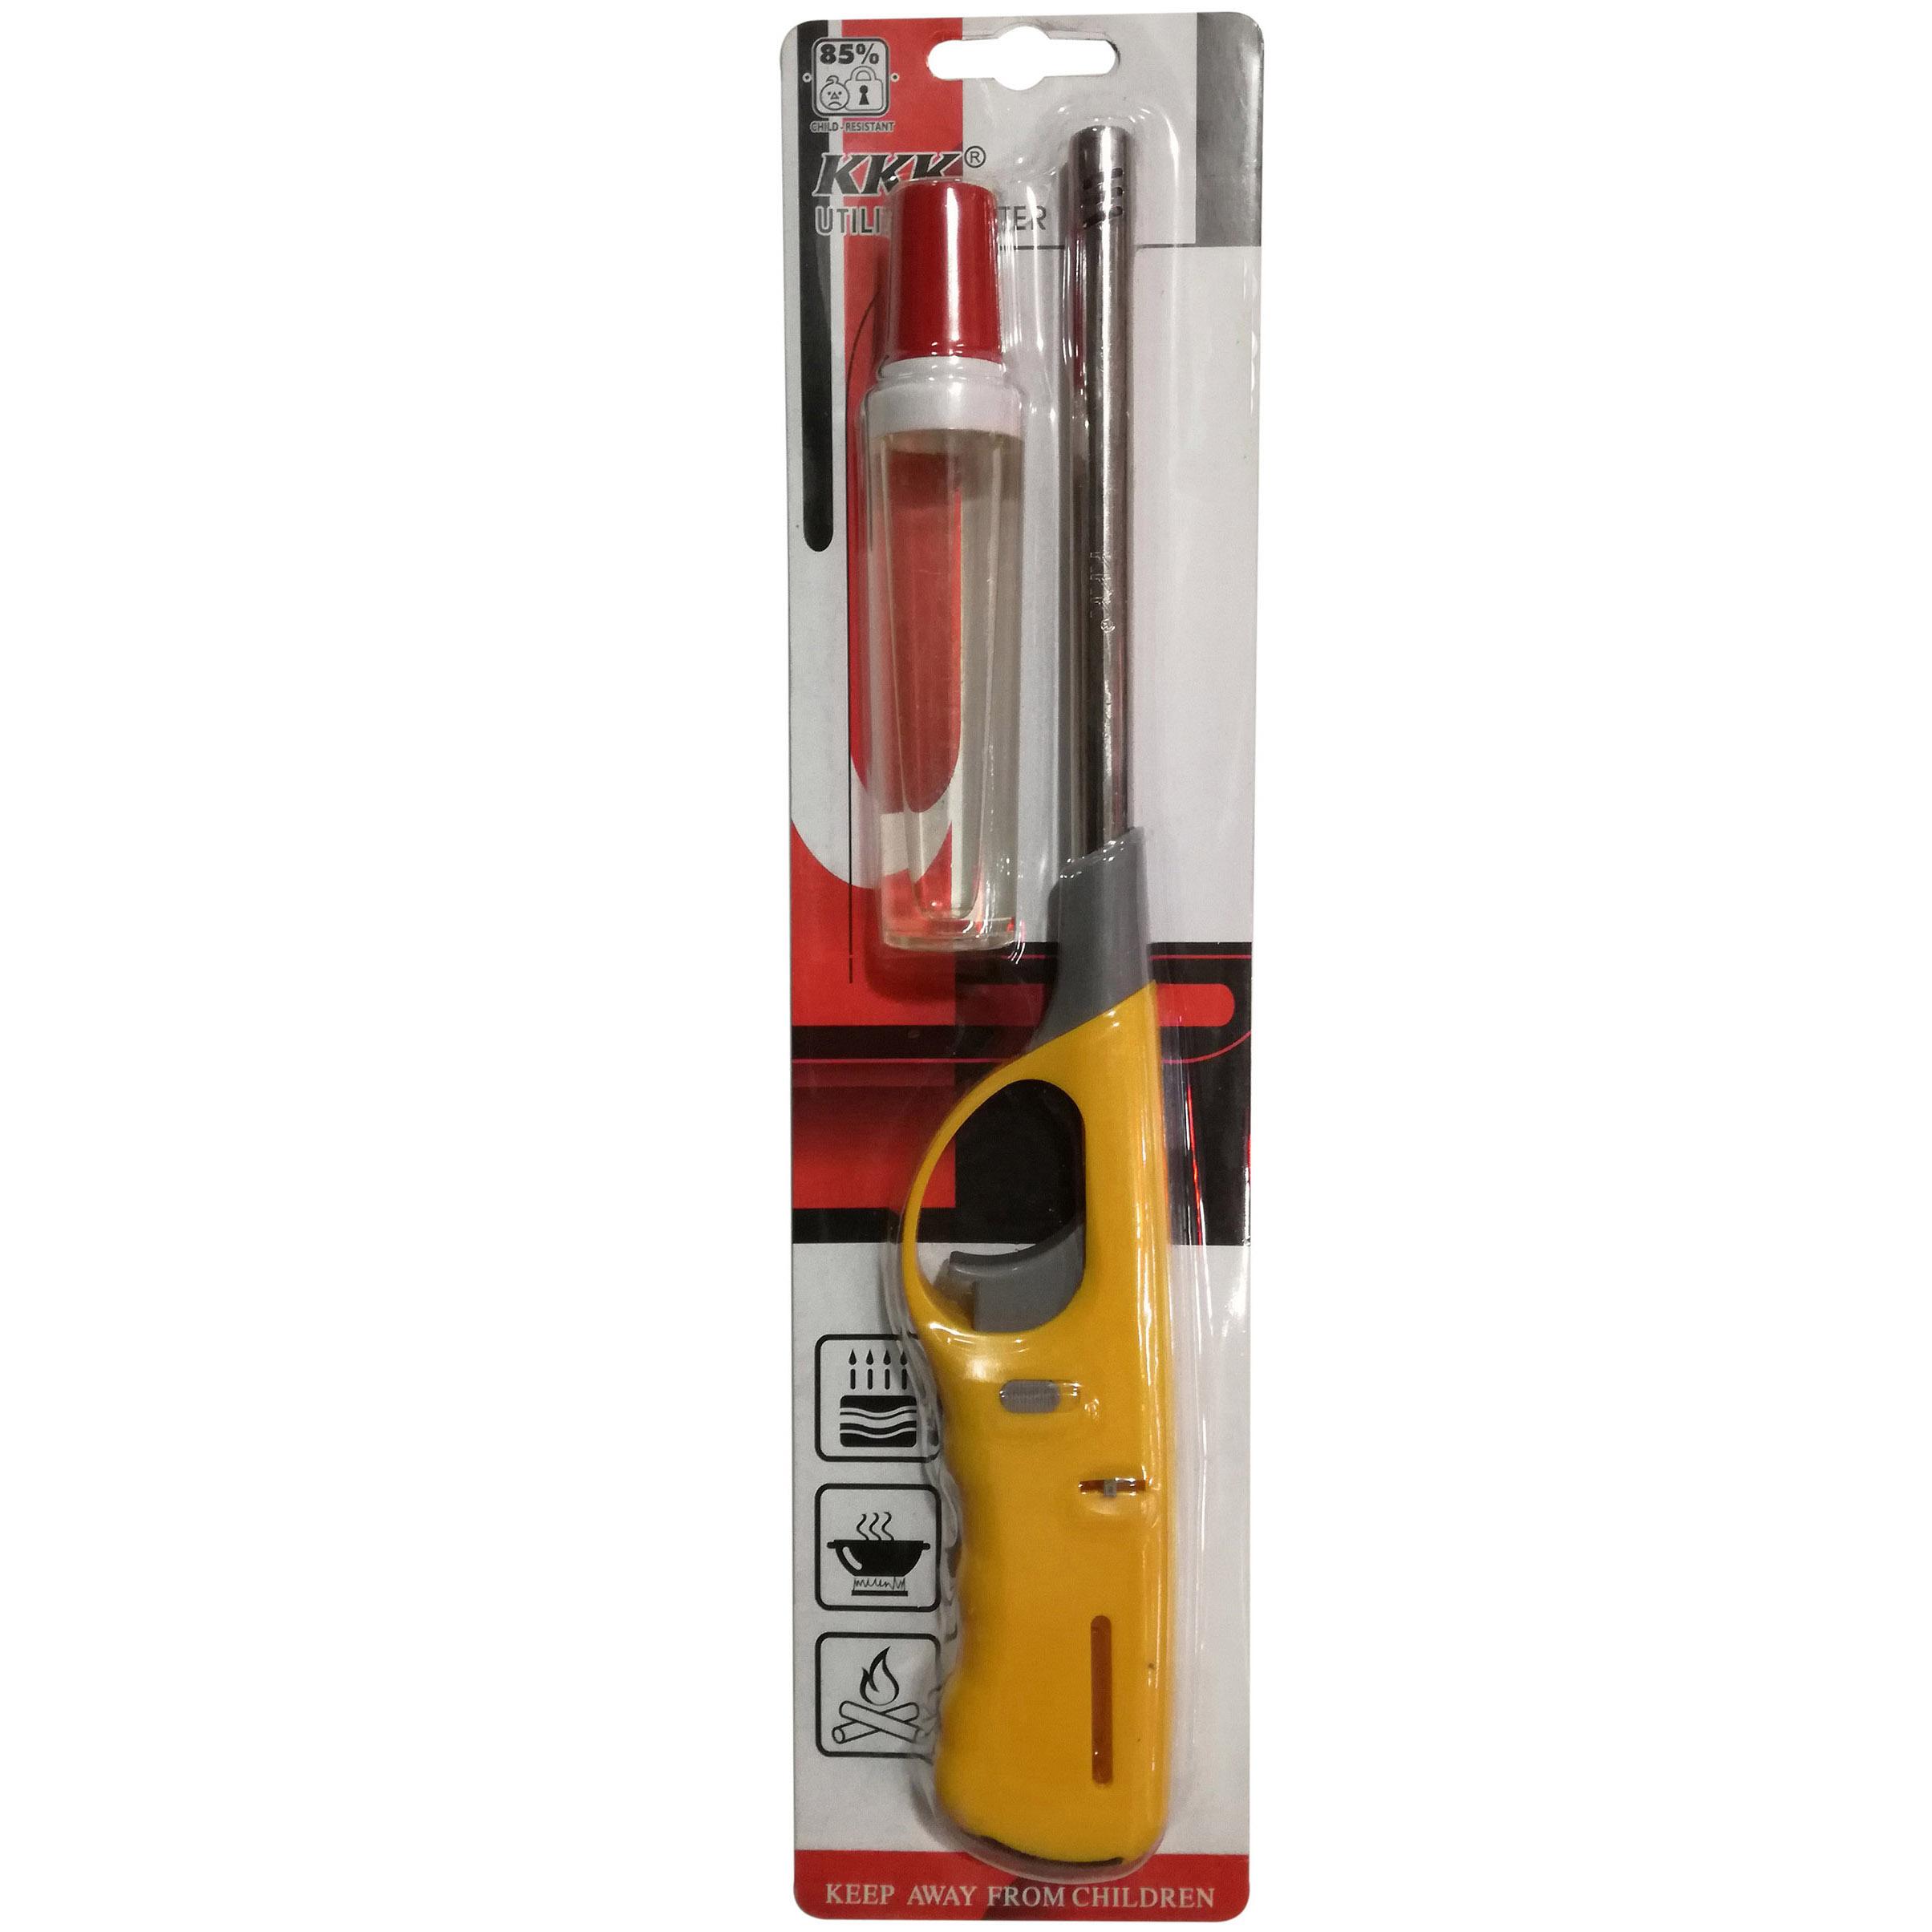 فندک آشپزخانه KKK همراه بایک فندک جیبی